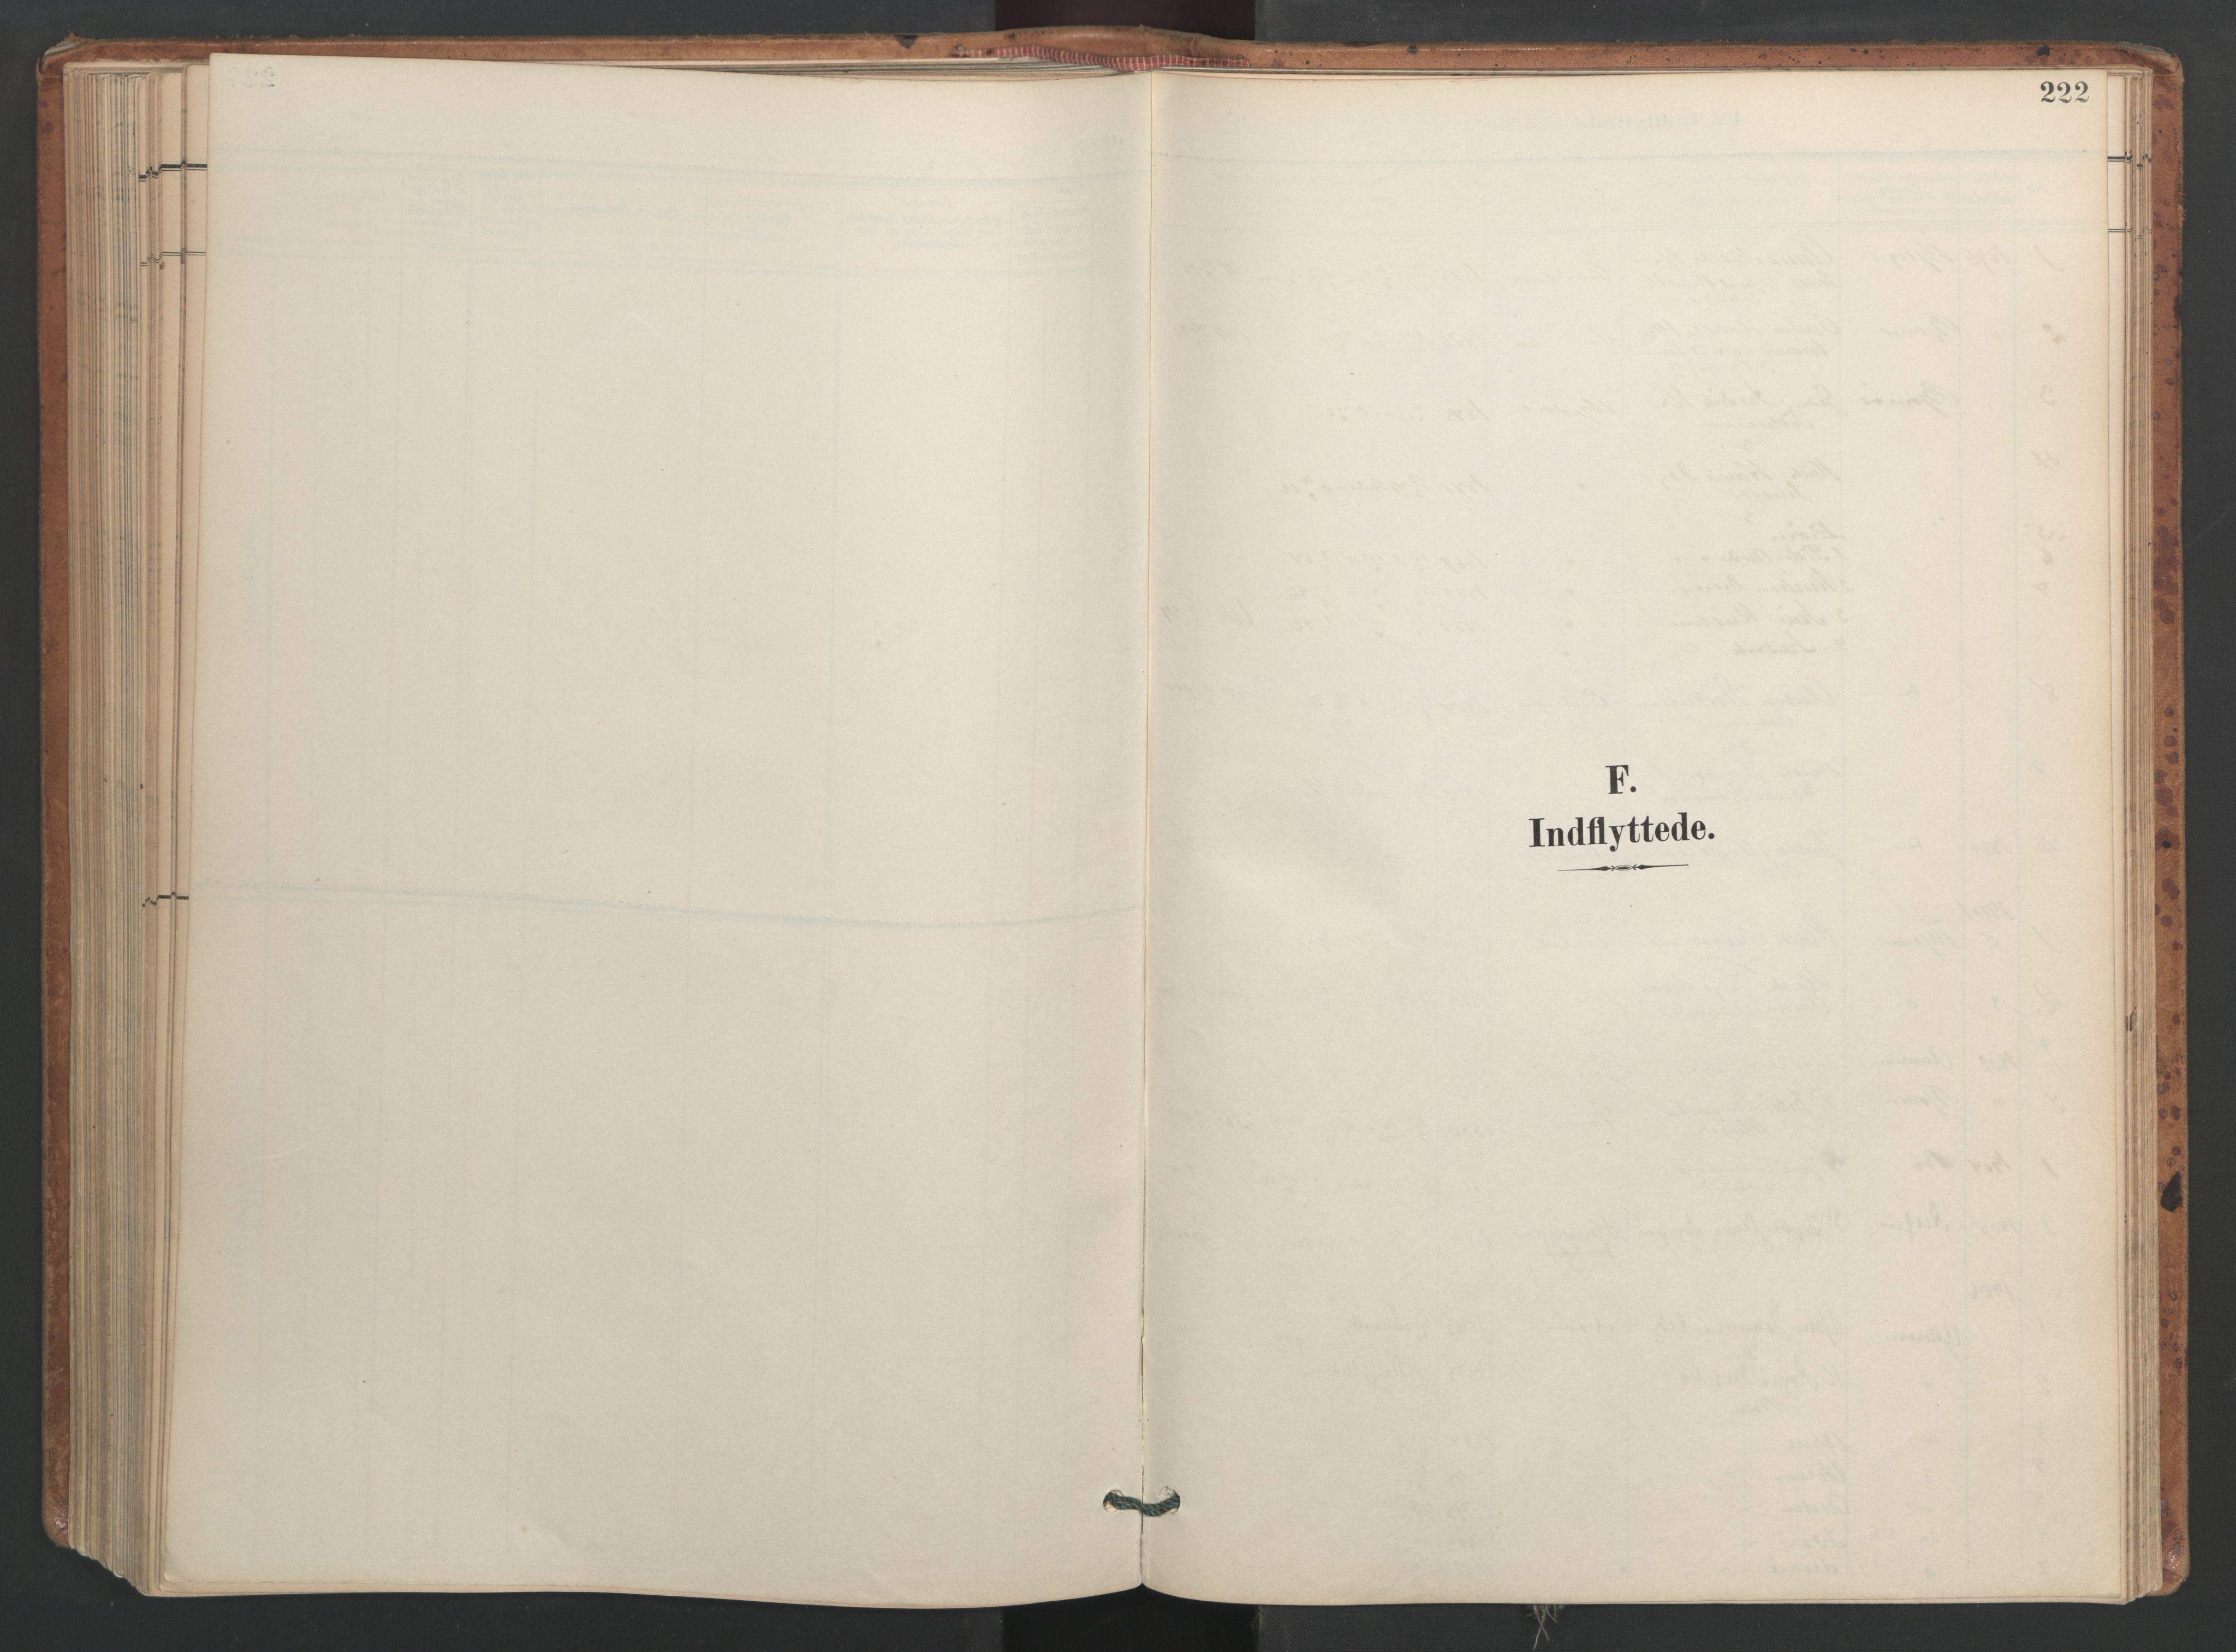 SAT, Ministerialprotokoller, klokkerbøker og fødselsregistre - Sør-Trøndelag, 655/L0681: Ministerialbok nr. 655A10, 1895-1907, s. 222